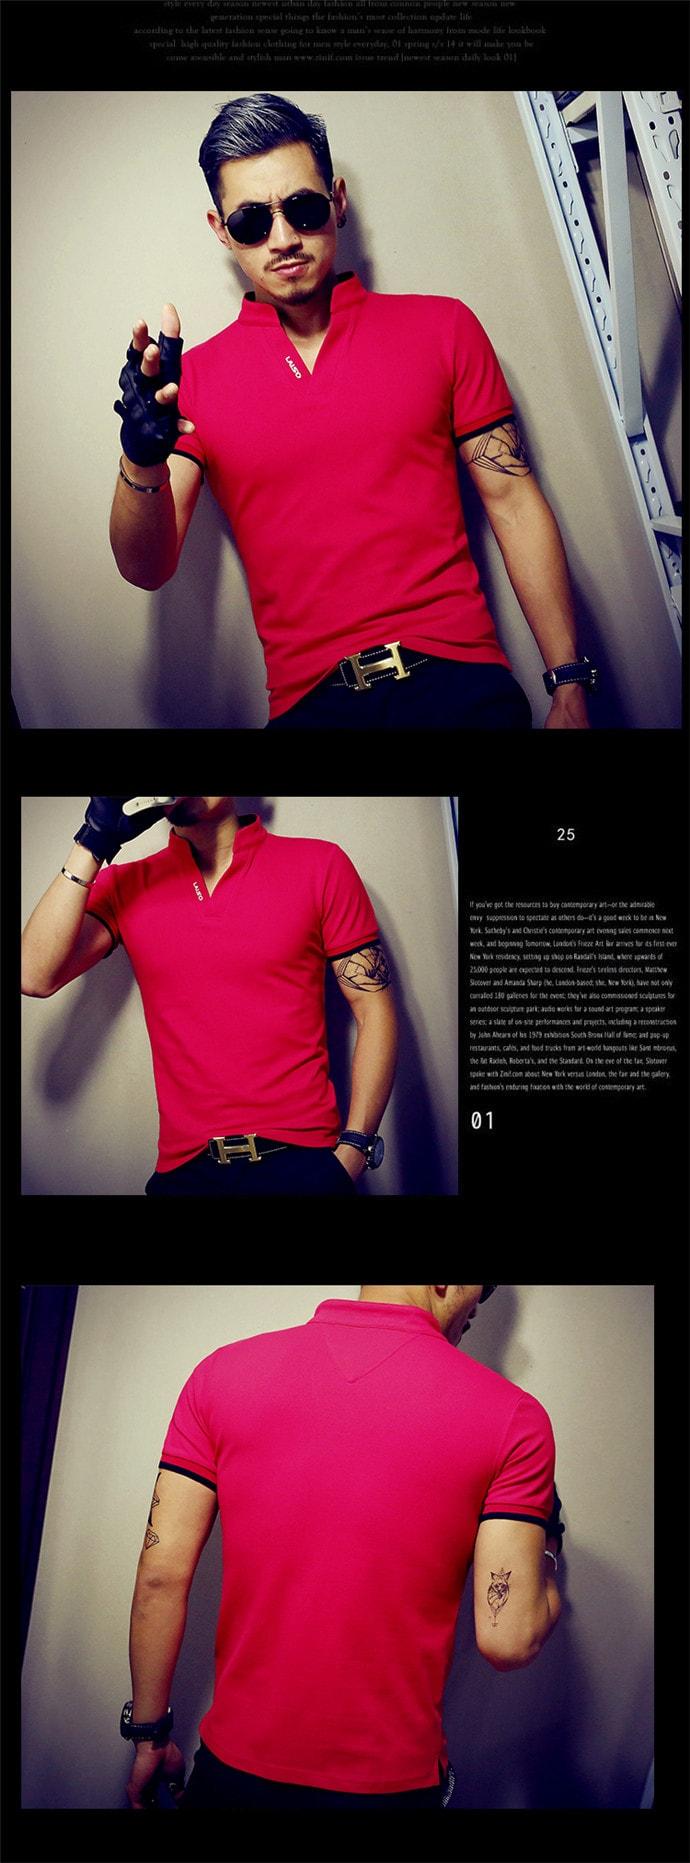 【曼曼寶貝 日韓潮流服飾館】時尚小立領POLO上衣可當情侶裝~195款~全館現貨